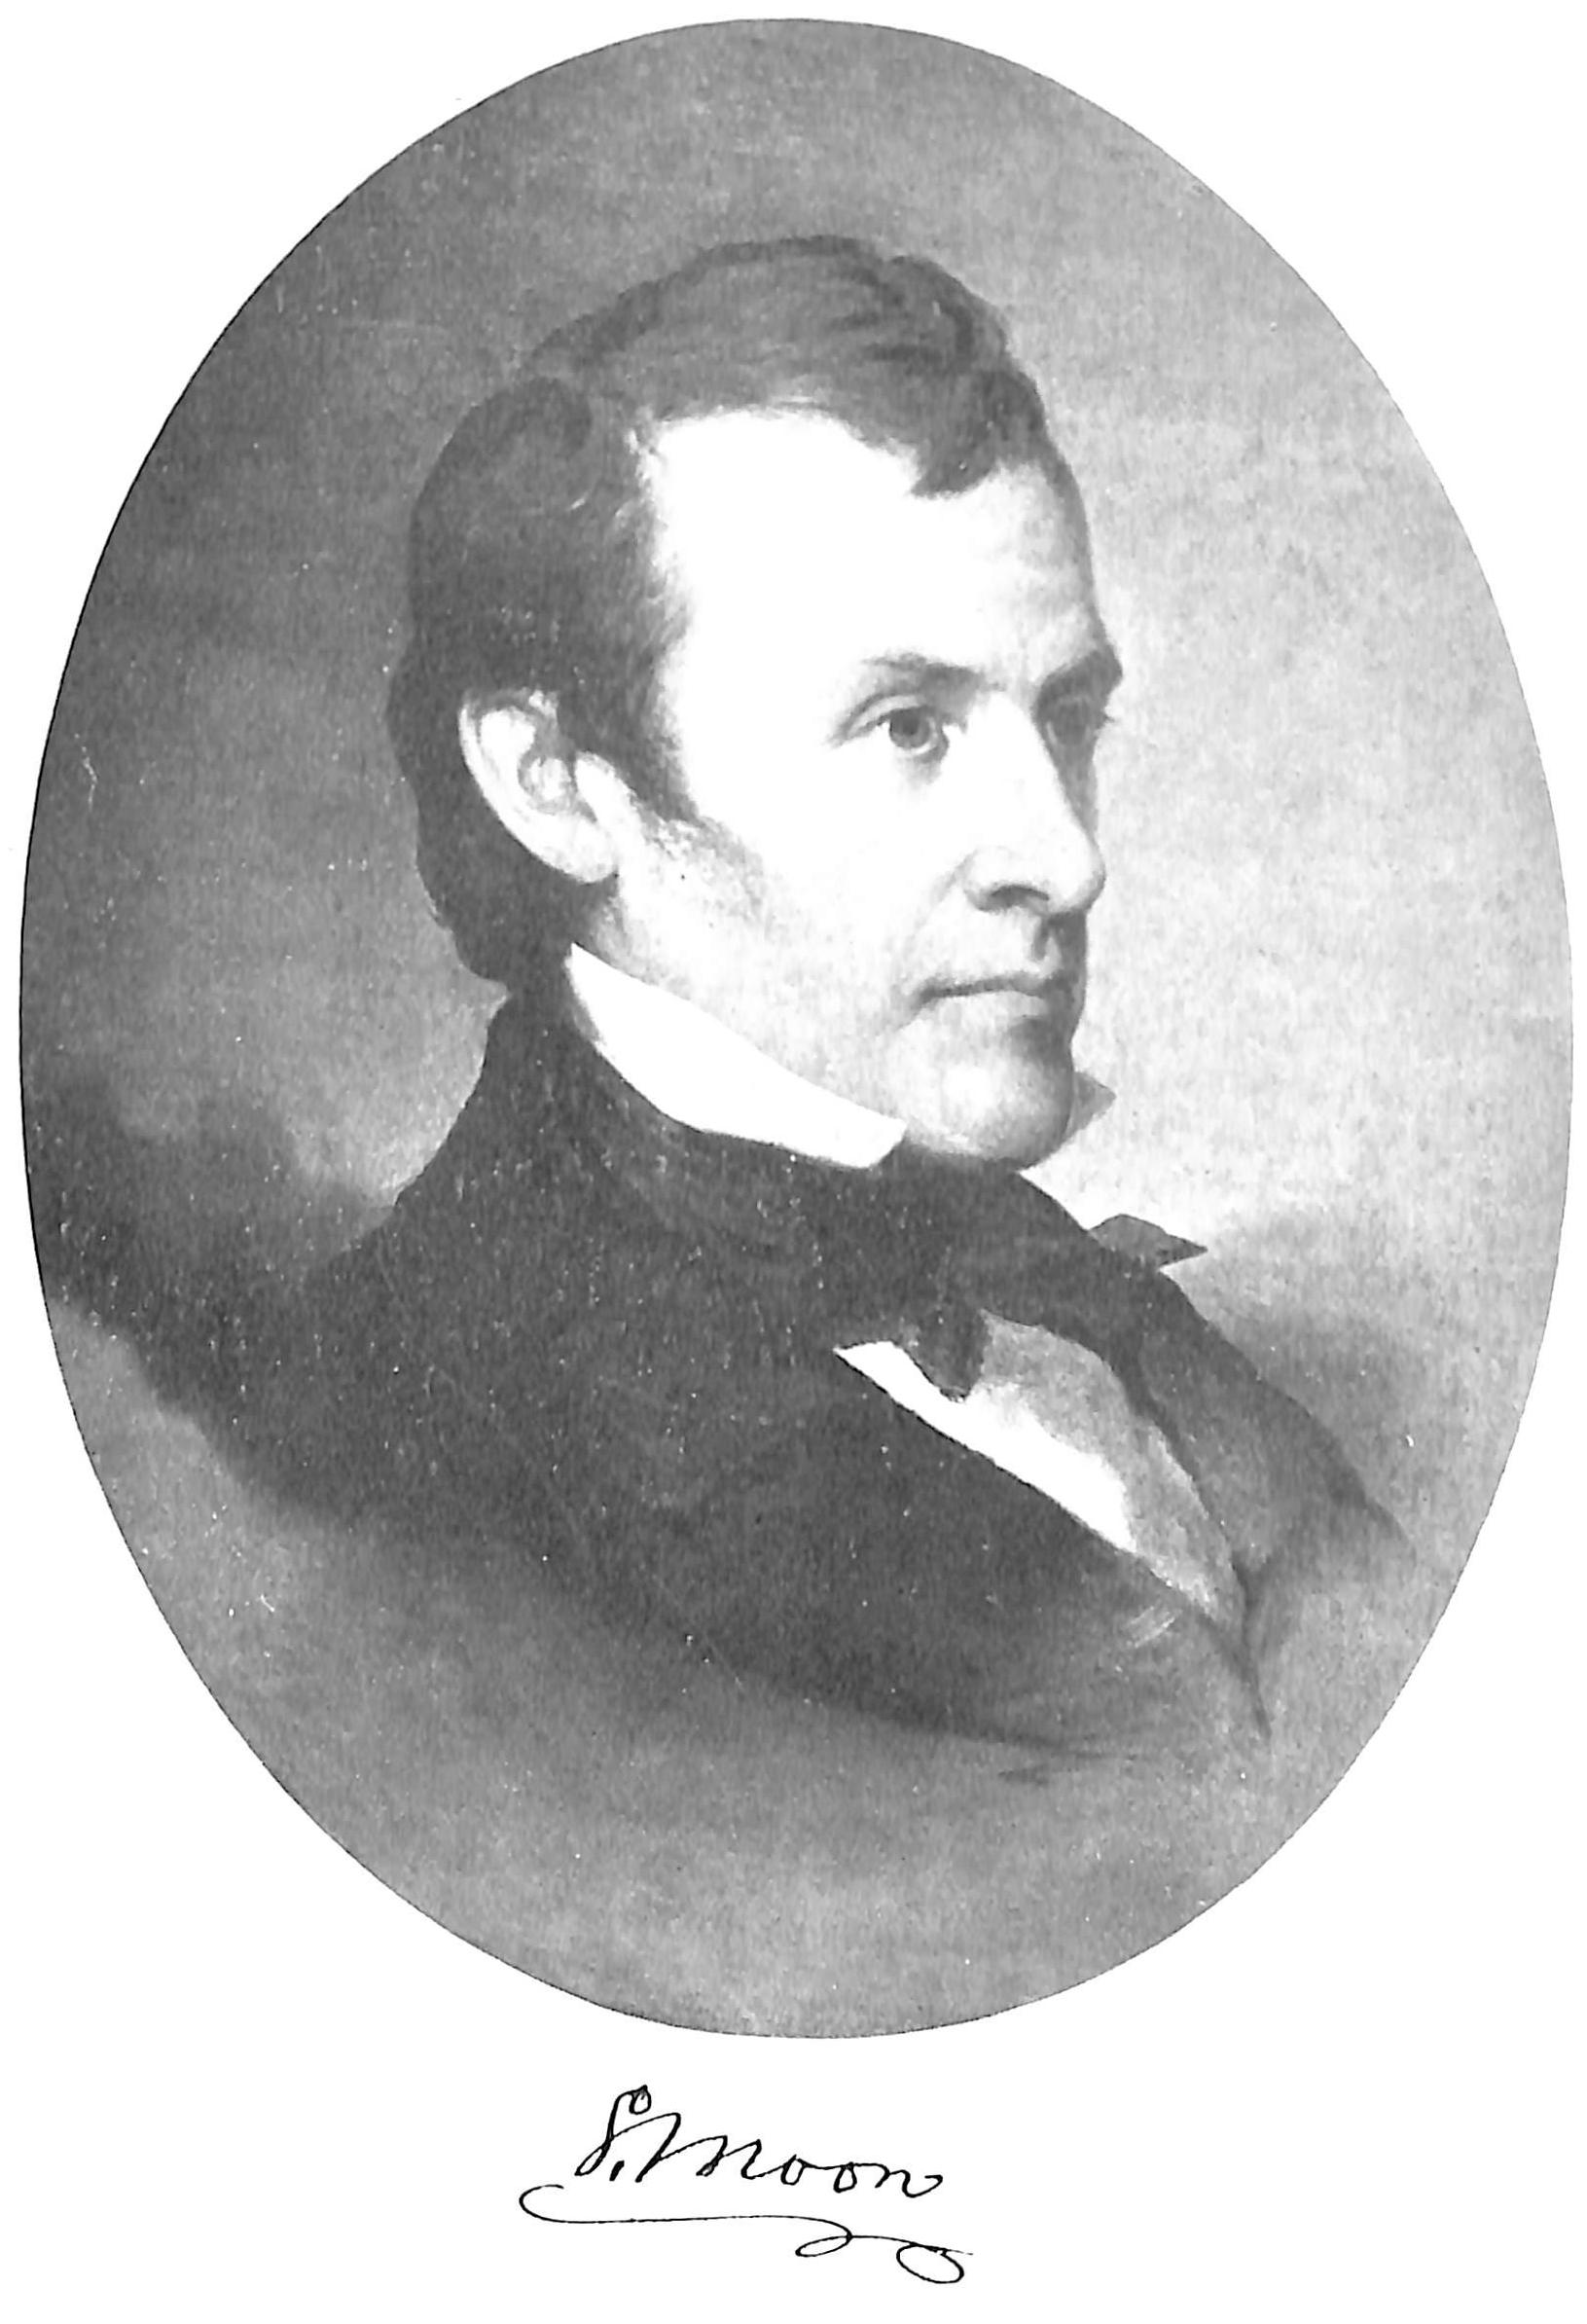 Samuel Moon - Self-taught 19th century artist